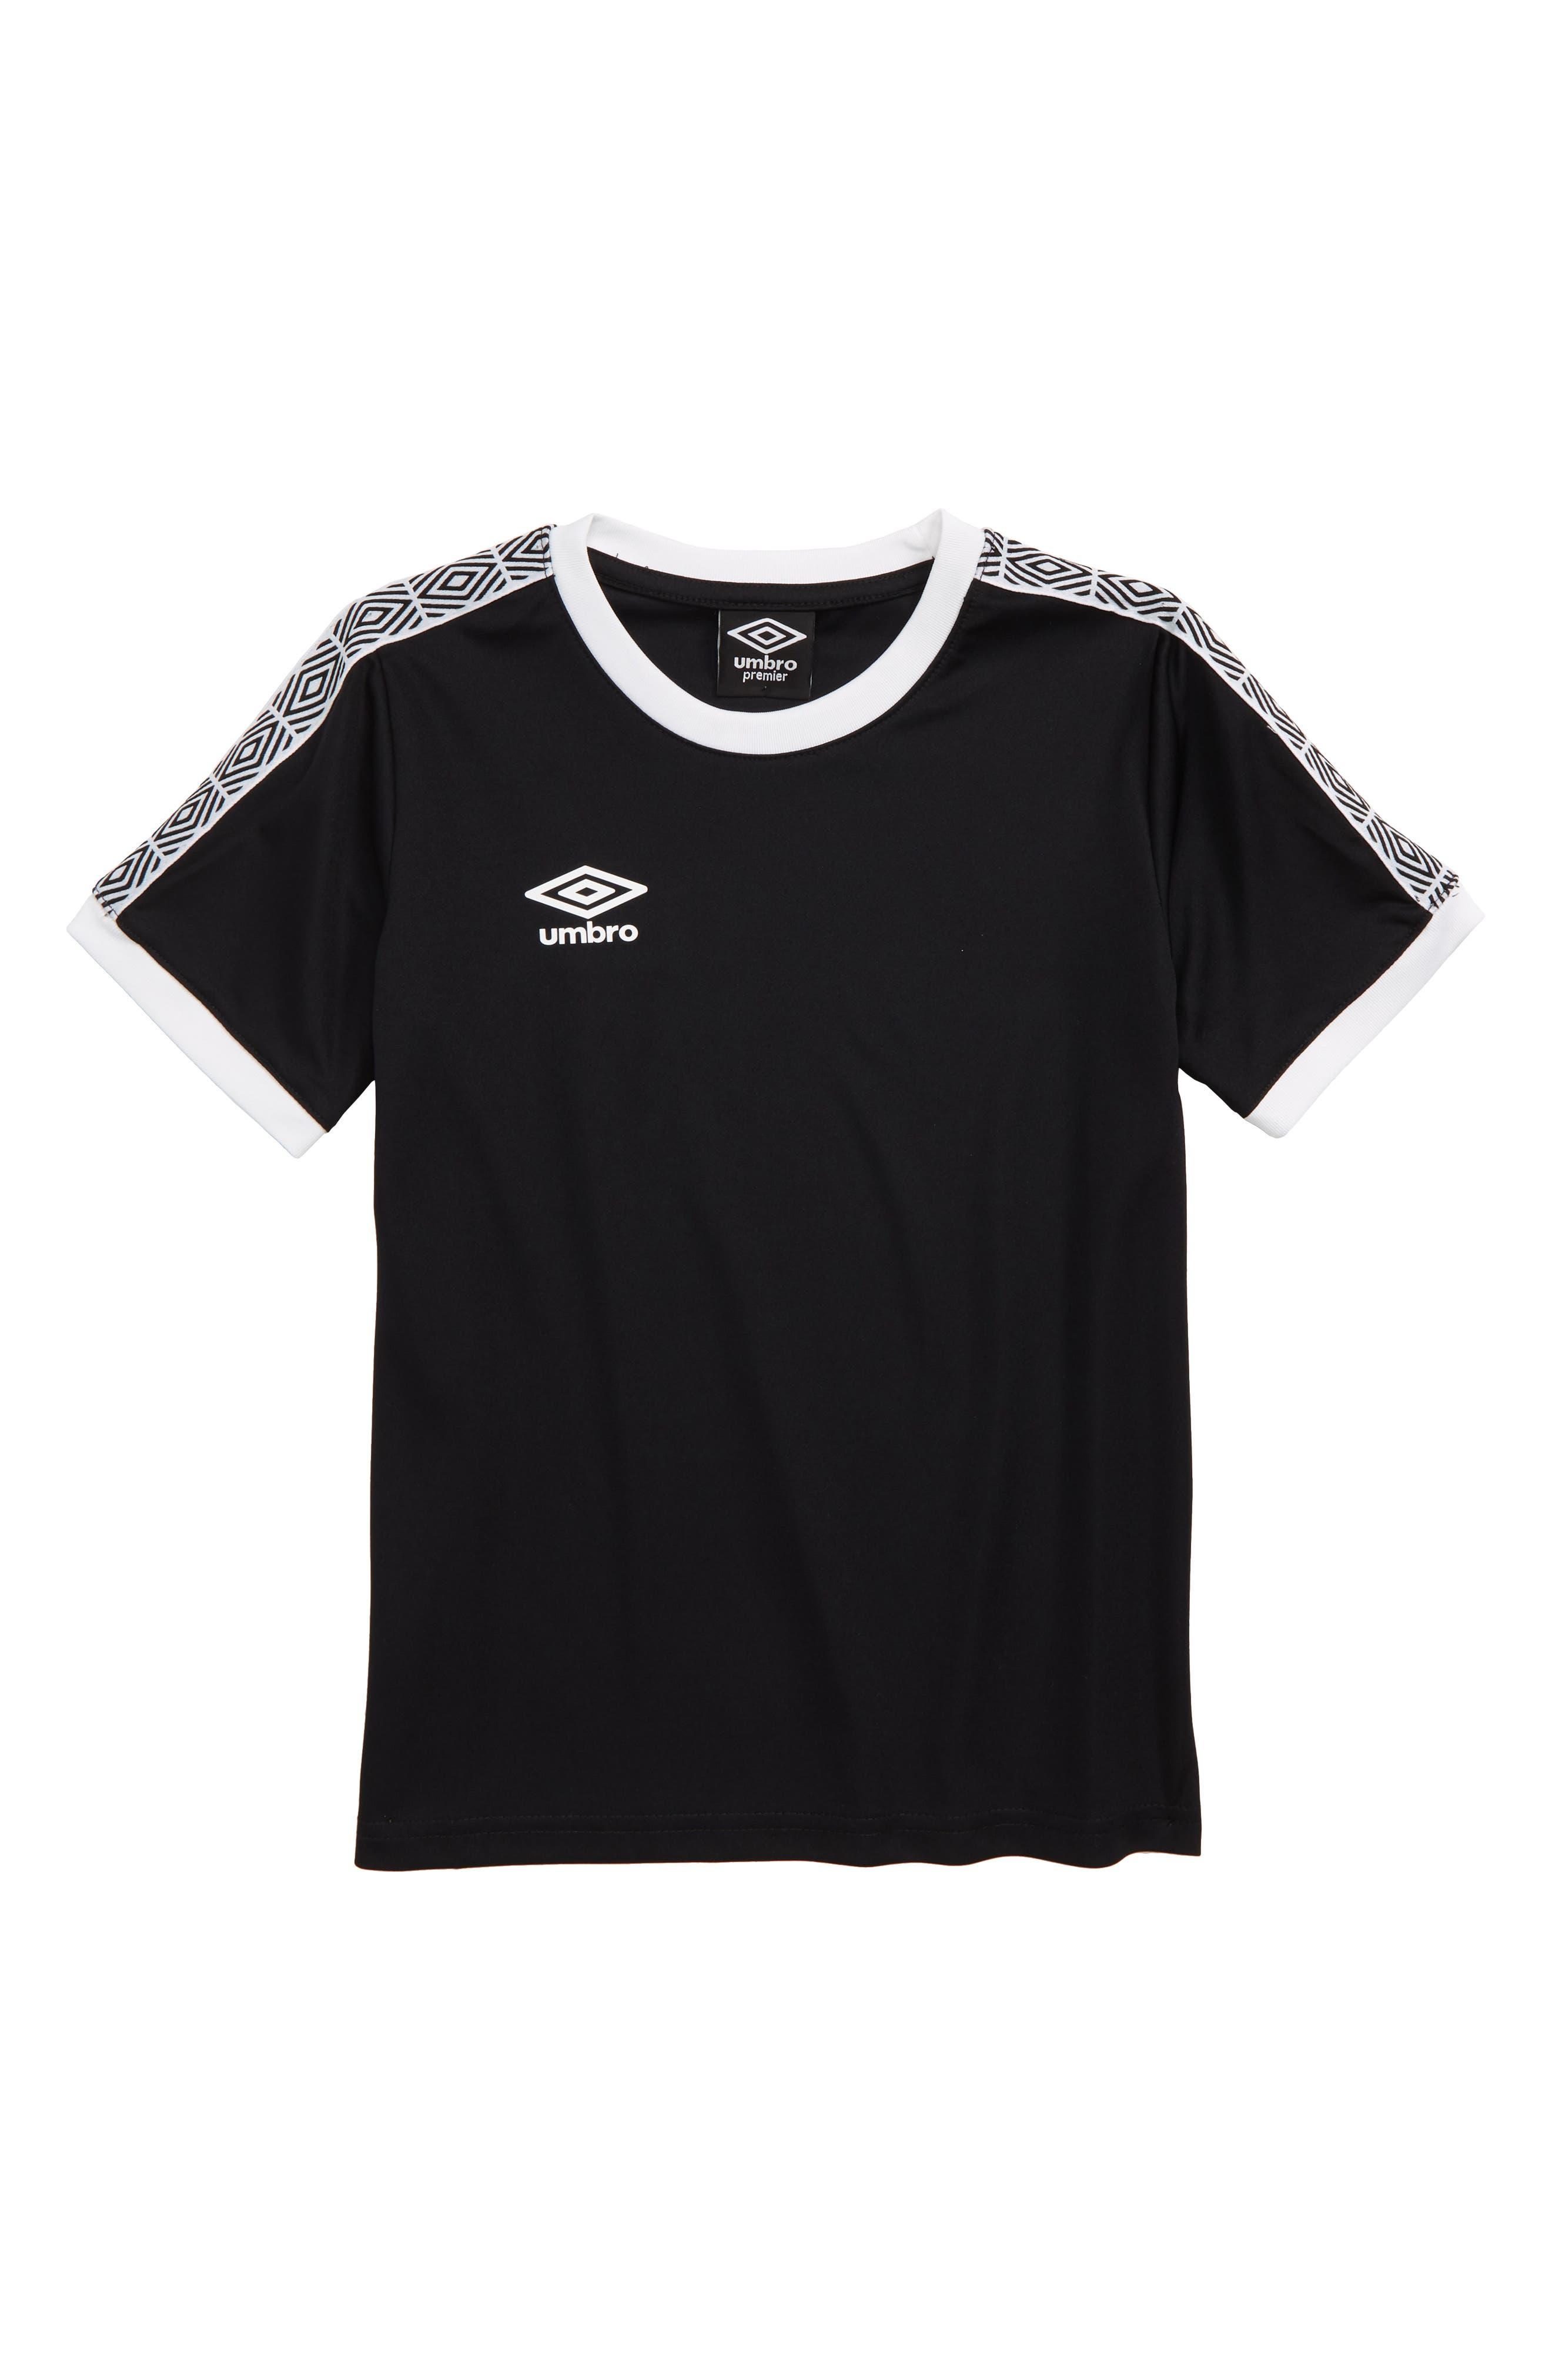 UMBRO Diamond Logo Tape T-Shirt, Main, color, BLACK/ WHITE